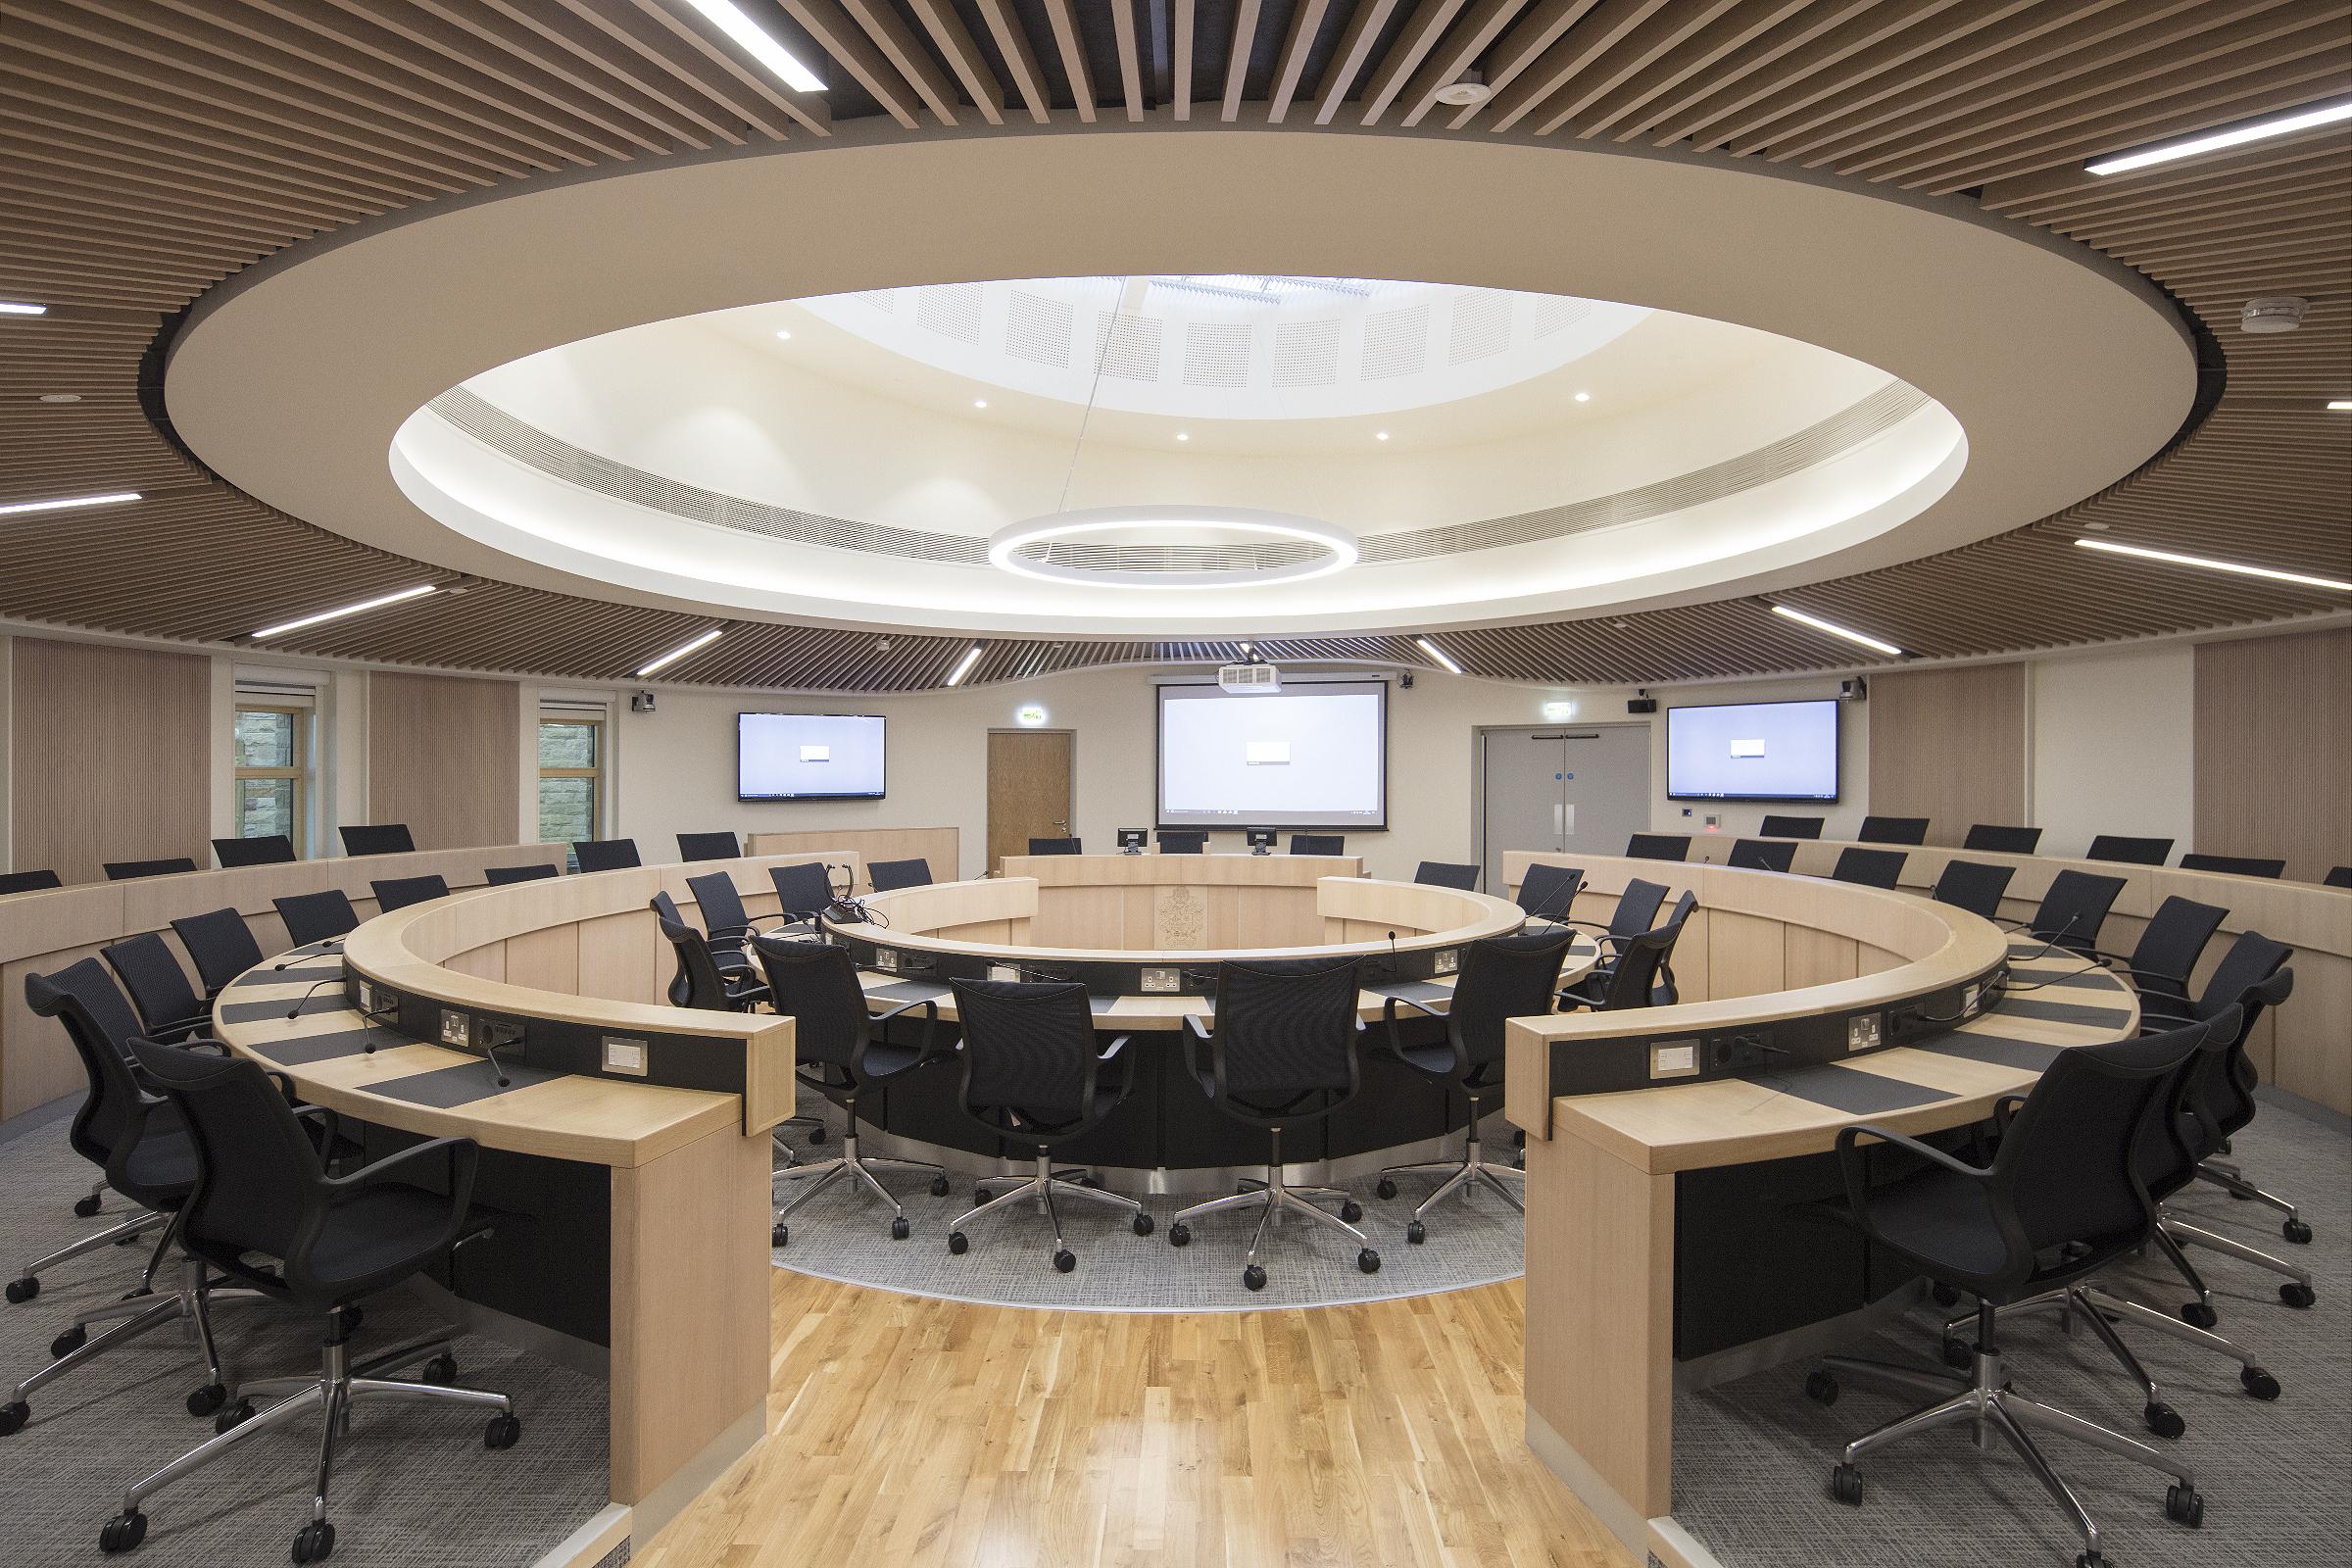 Harrogate Civic Centre